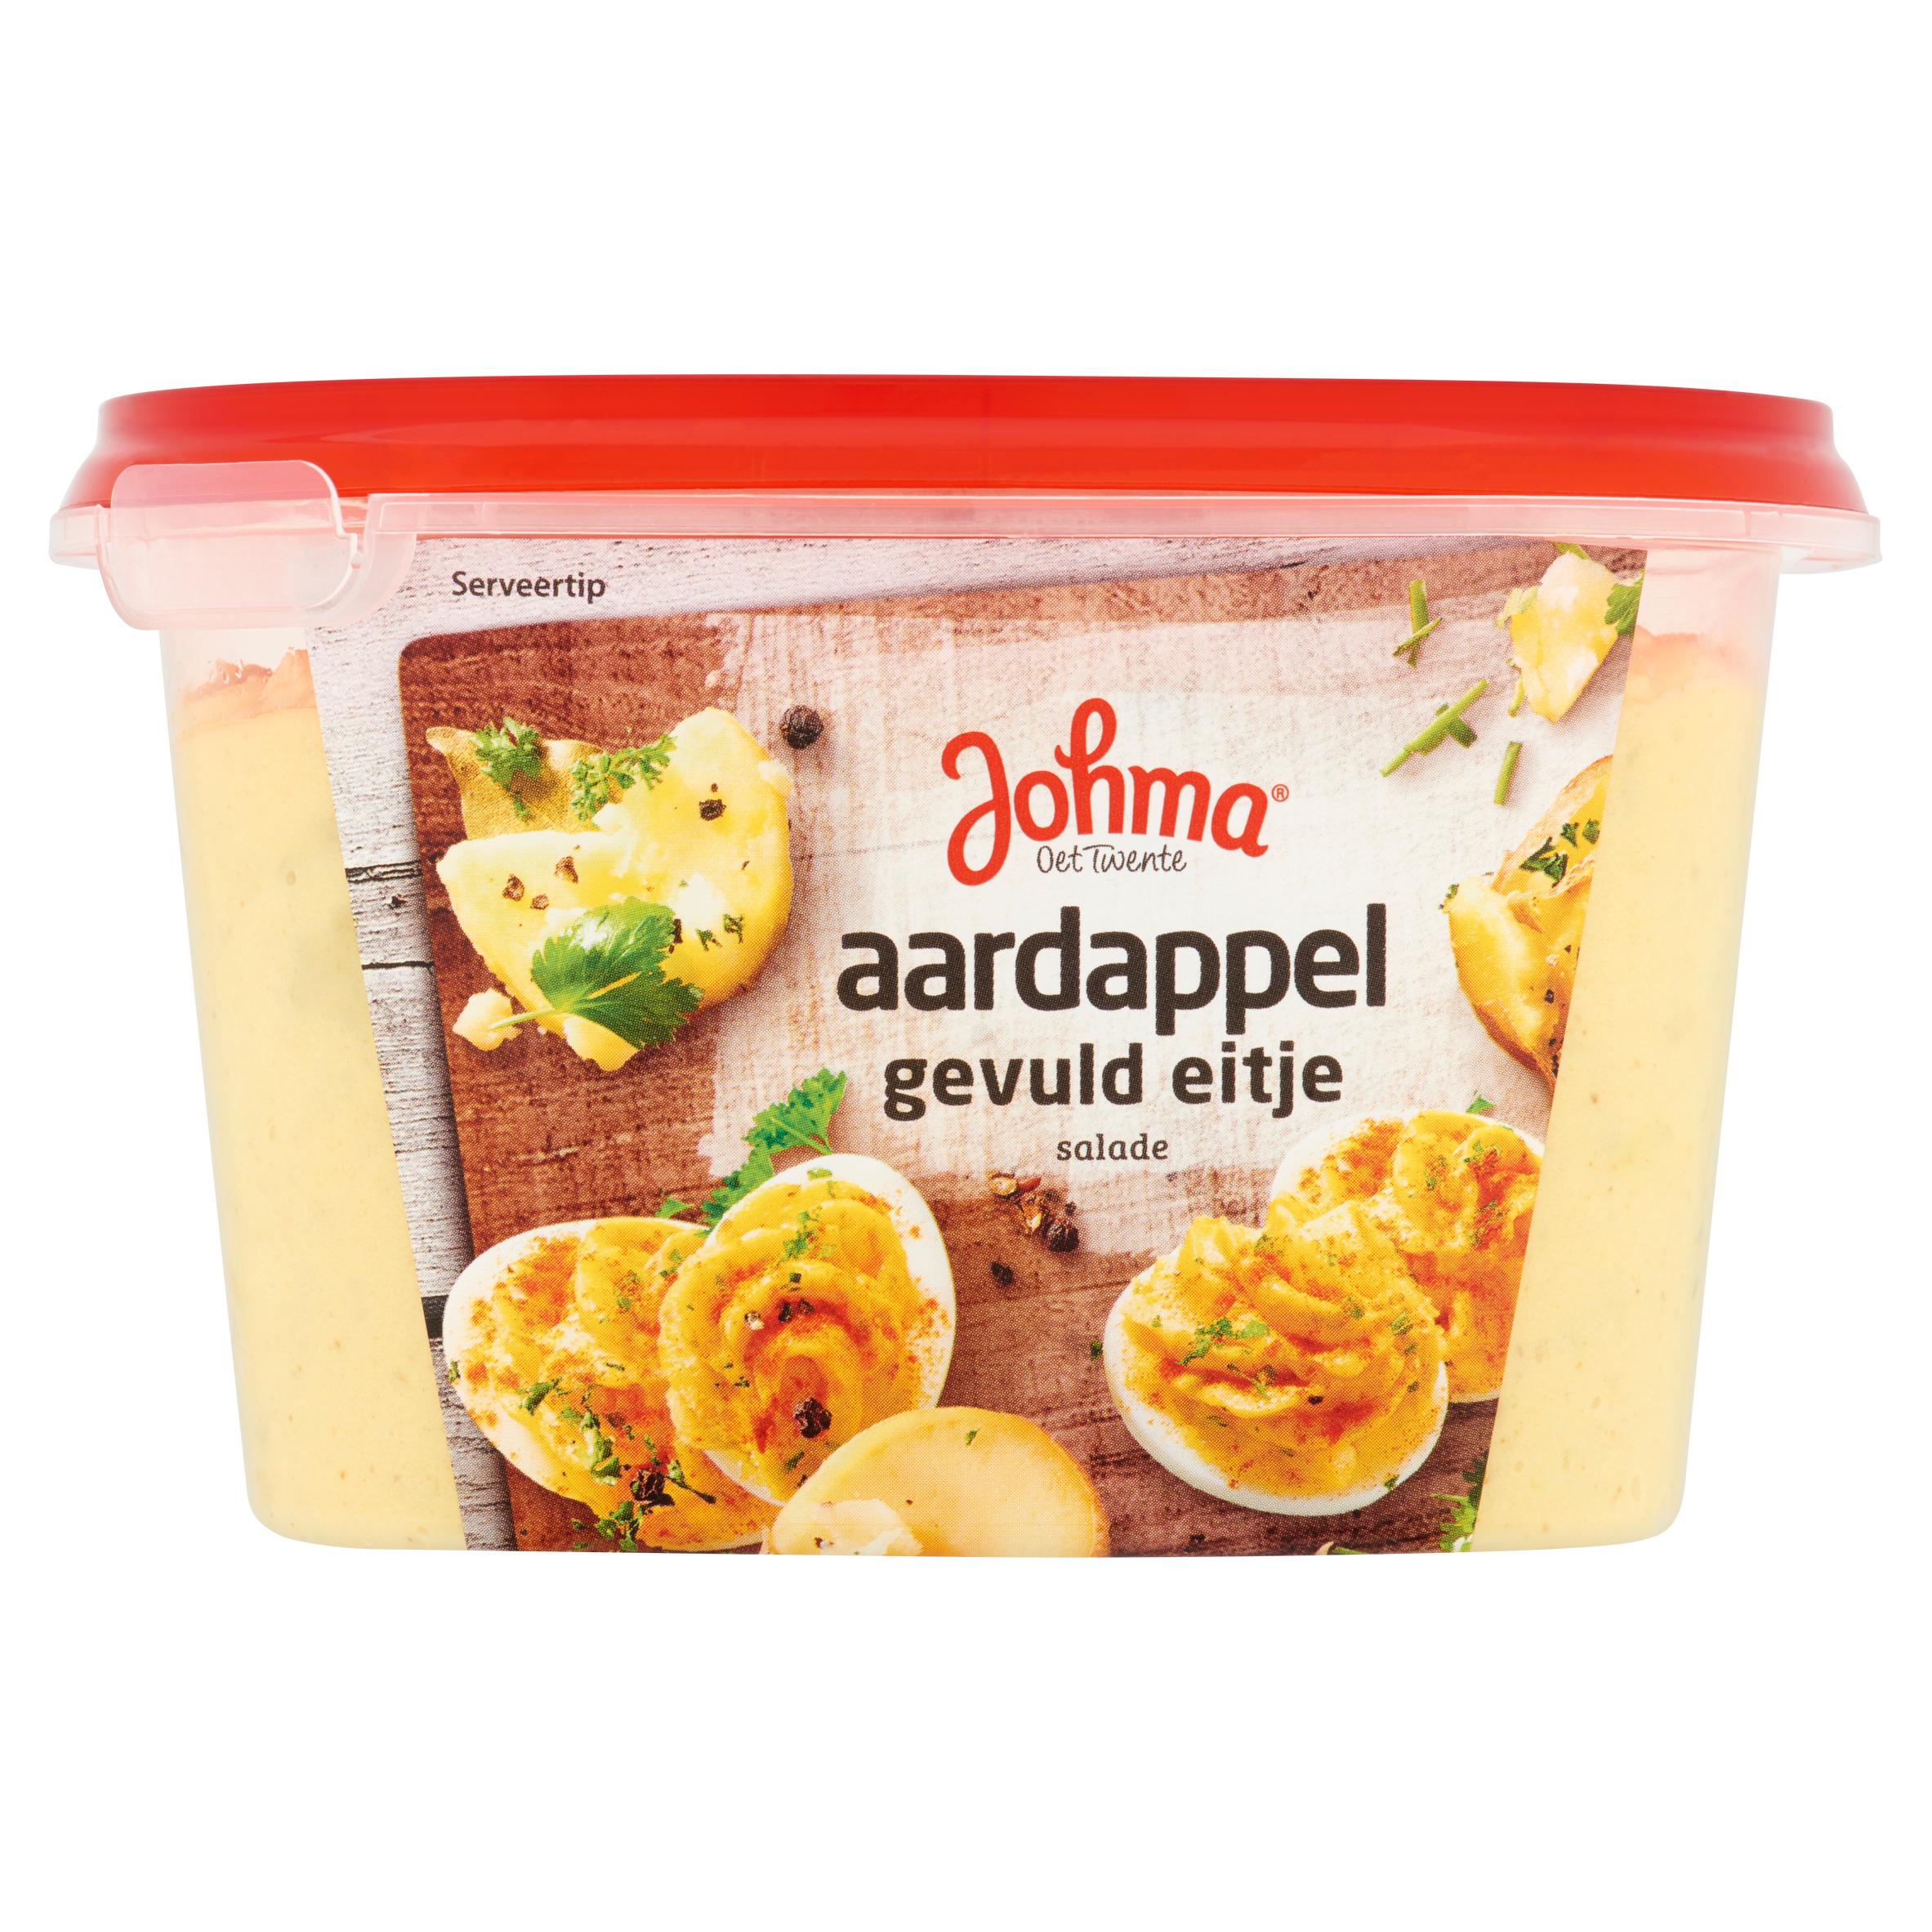 Johma Aardappel Gevuld Eitje Salade 450 g